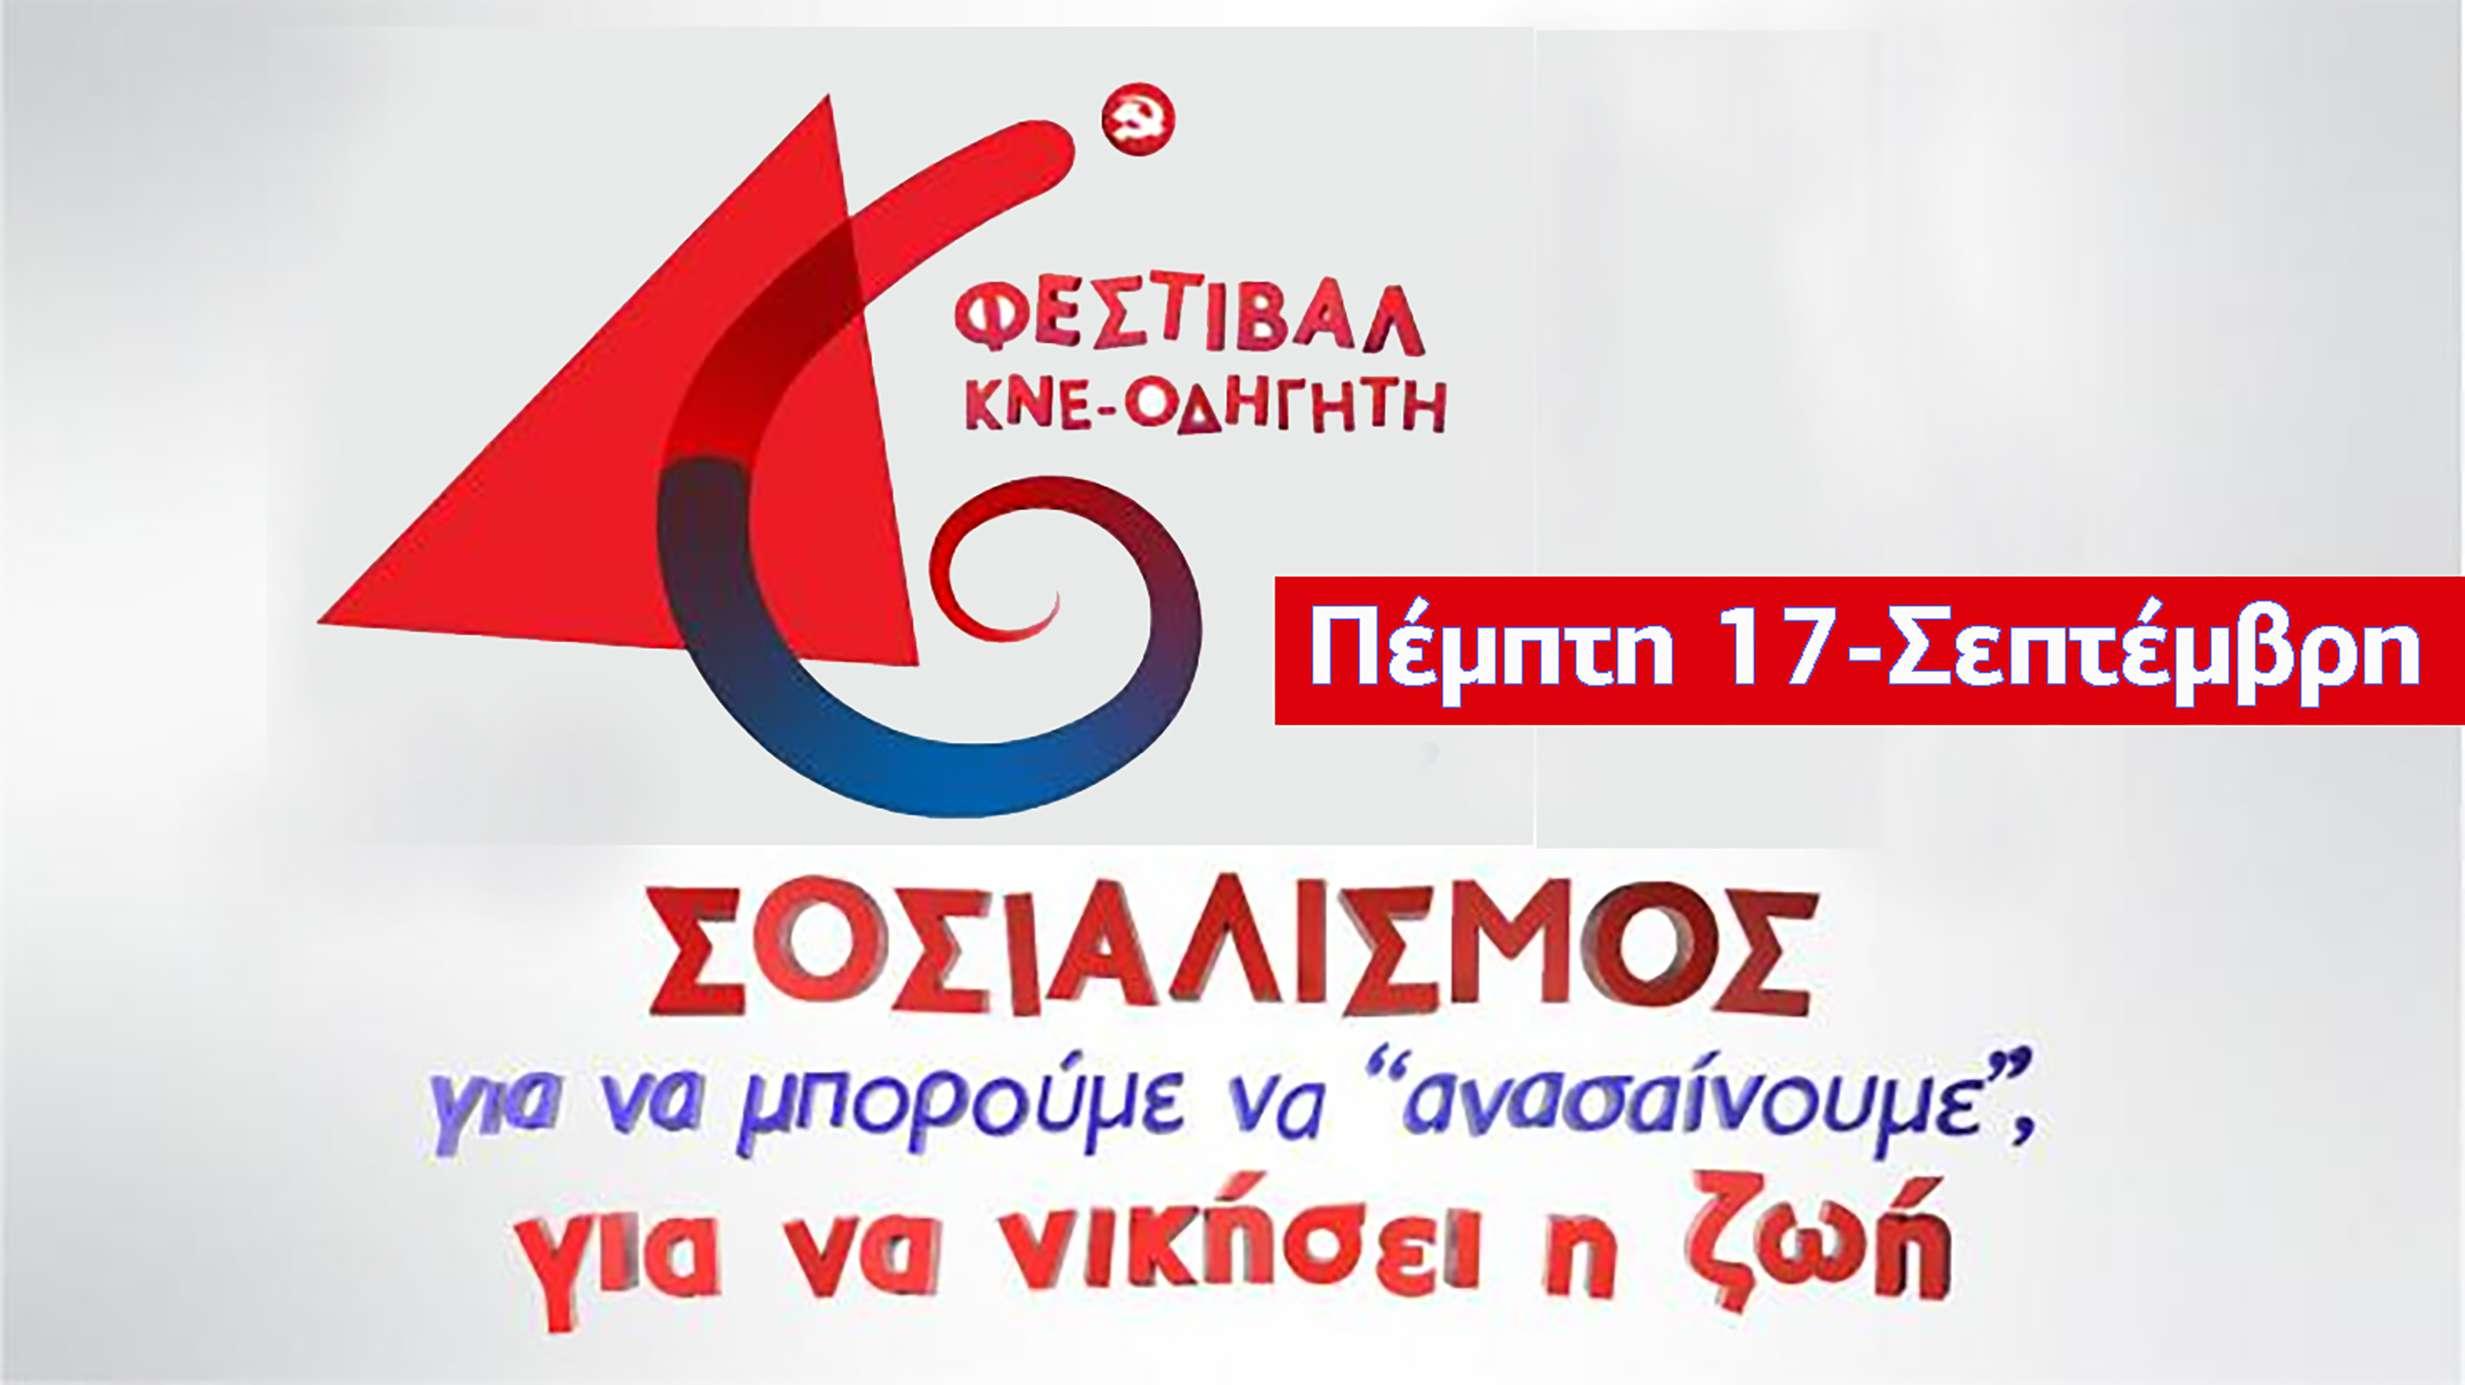 46ο φεστιβάλ ΚΝΕ-Οδηγητή 1η μέρα 🎈 17-Σεπ